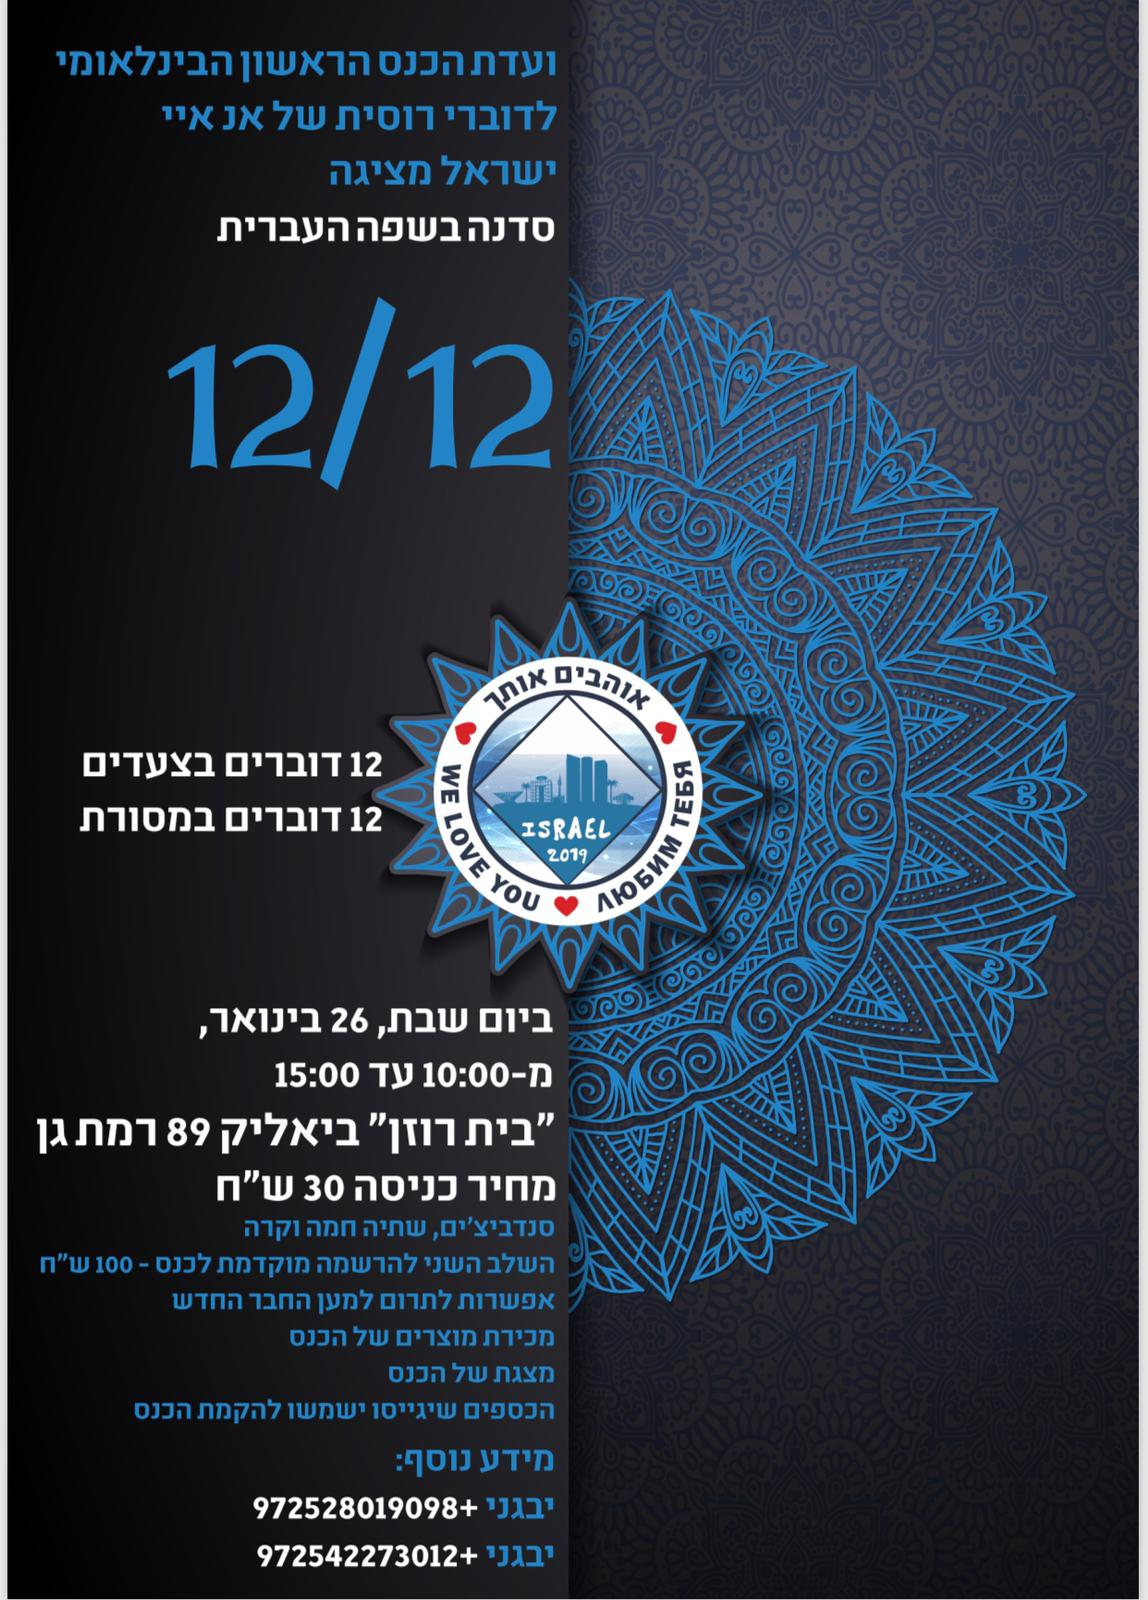 סמינר צעדים ומסורות בבית רוזן, רמת גן